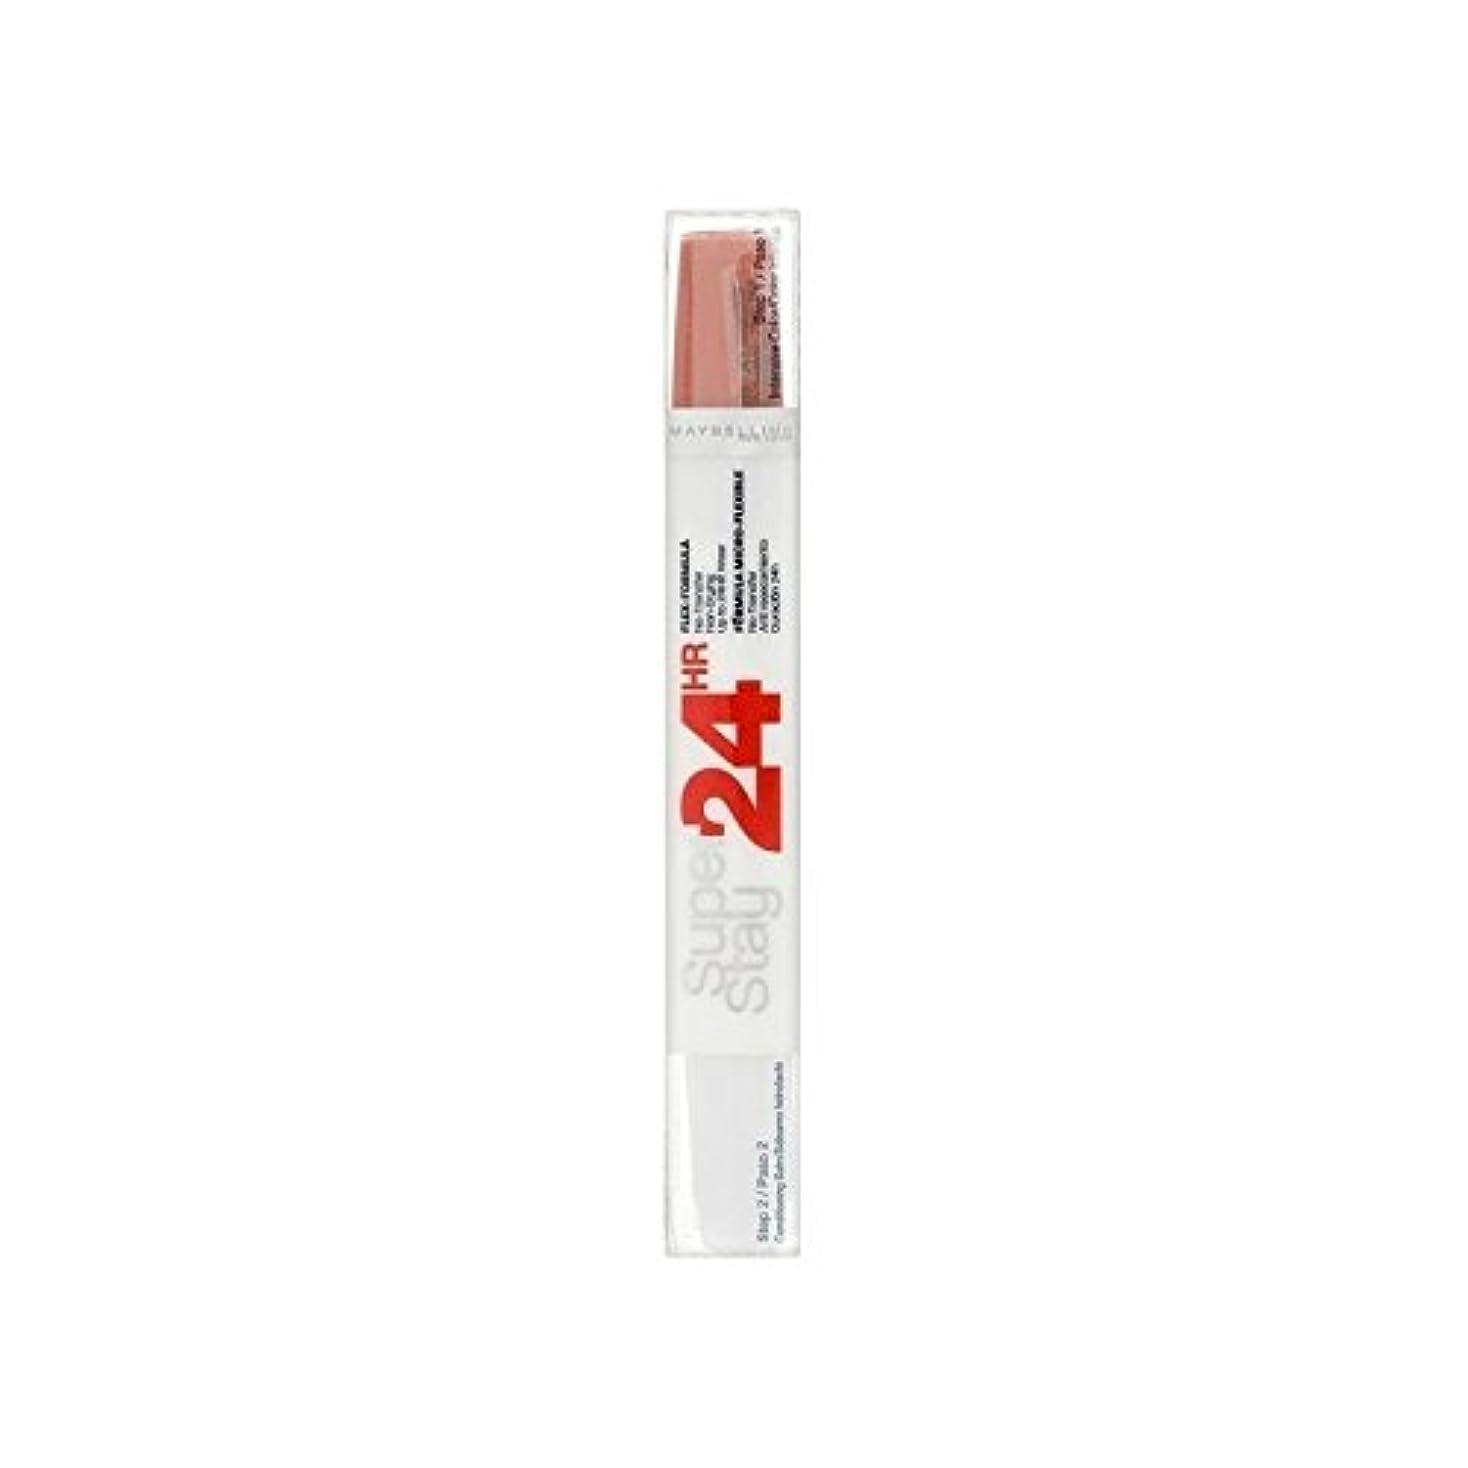 バランス散髪方法Maybelline SuperStay24H Dual Lipstick 460 Infinite Coral 9ml (Pack of 6) - メイベリン24デュアル口紅460無限サンゴ9ミリリットル x6 [並行輸入品]